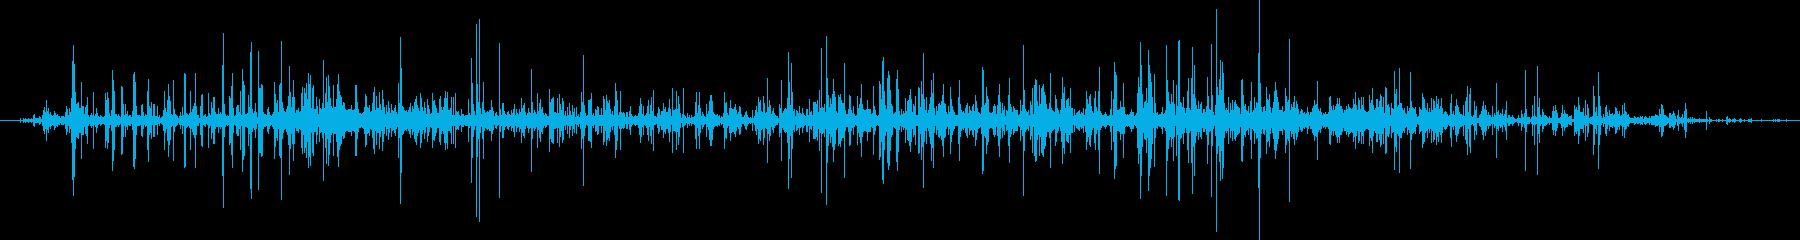 ツーホースオープンキャリッジ:Ex...の再生済みの波形